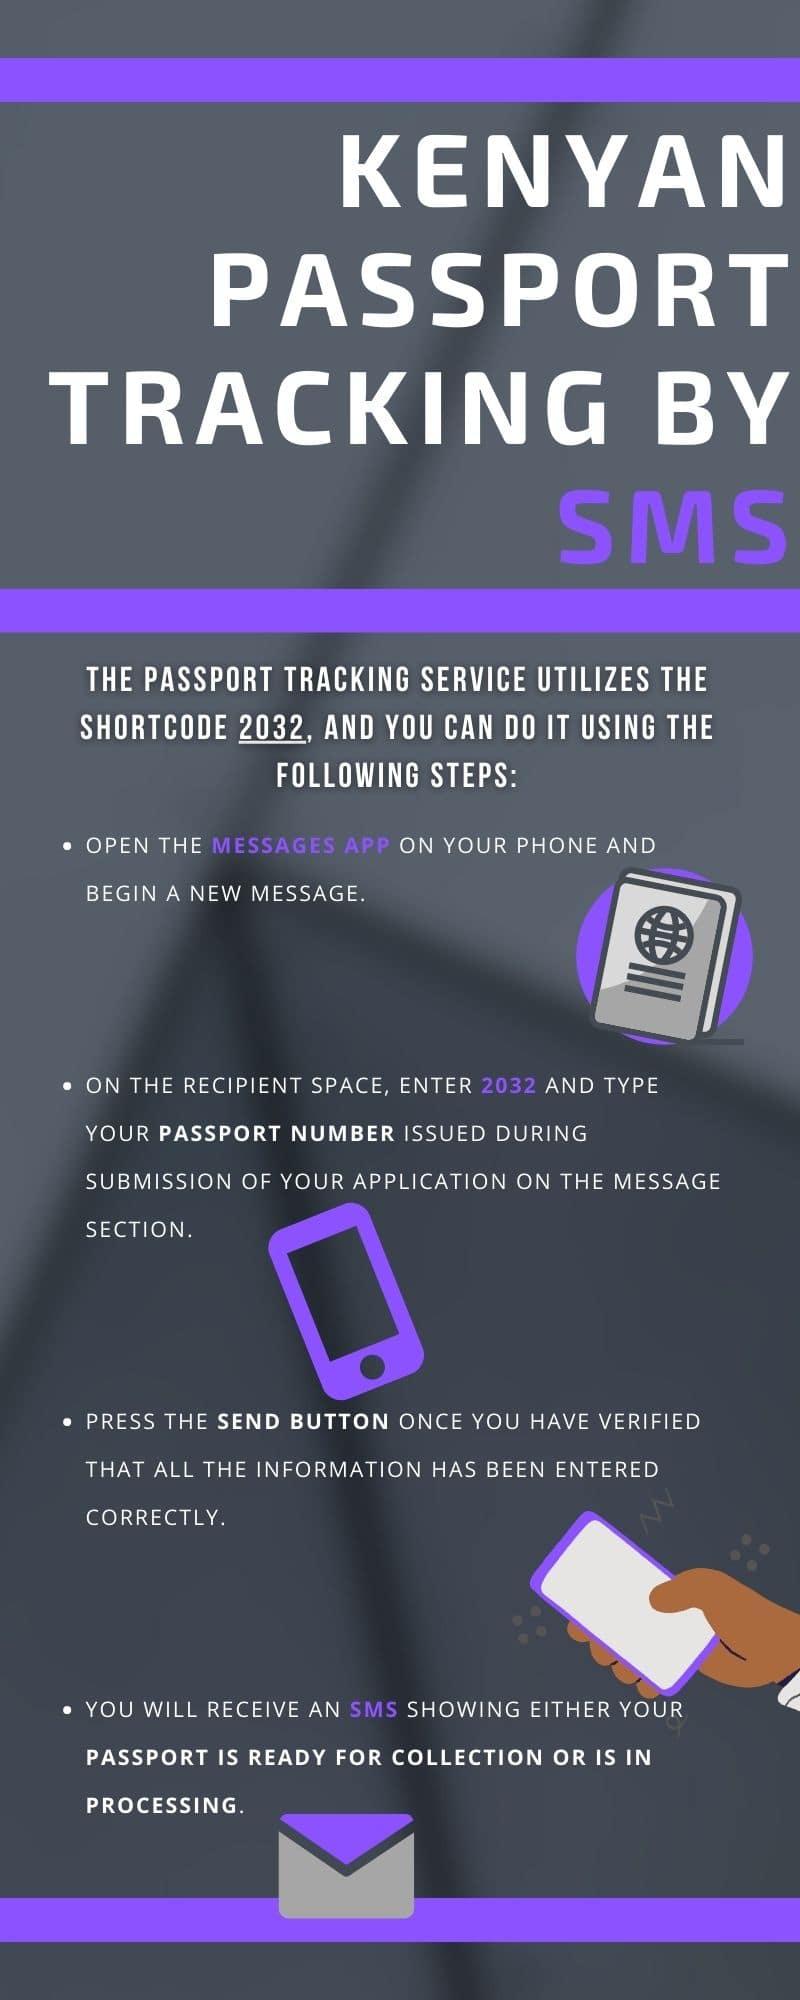 Kenyan passport tracking